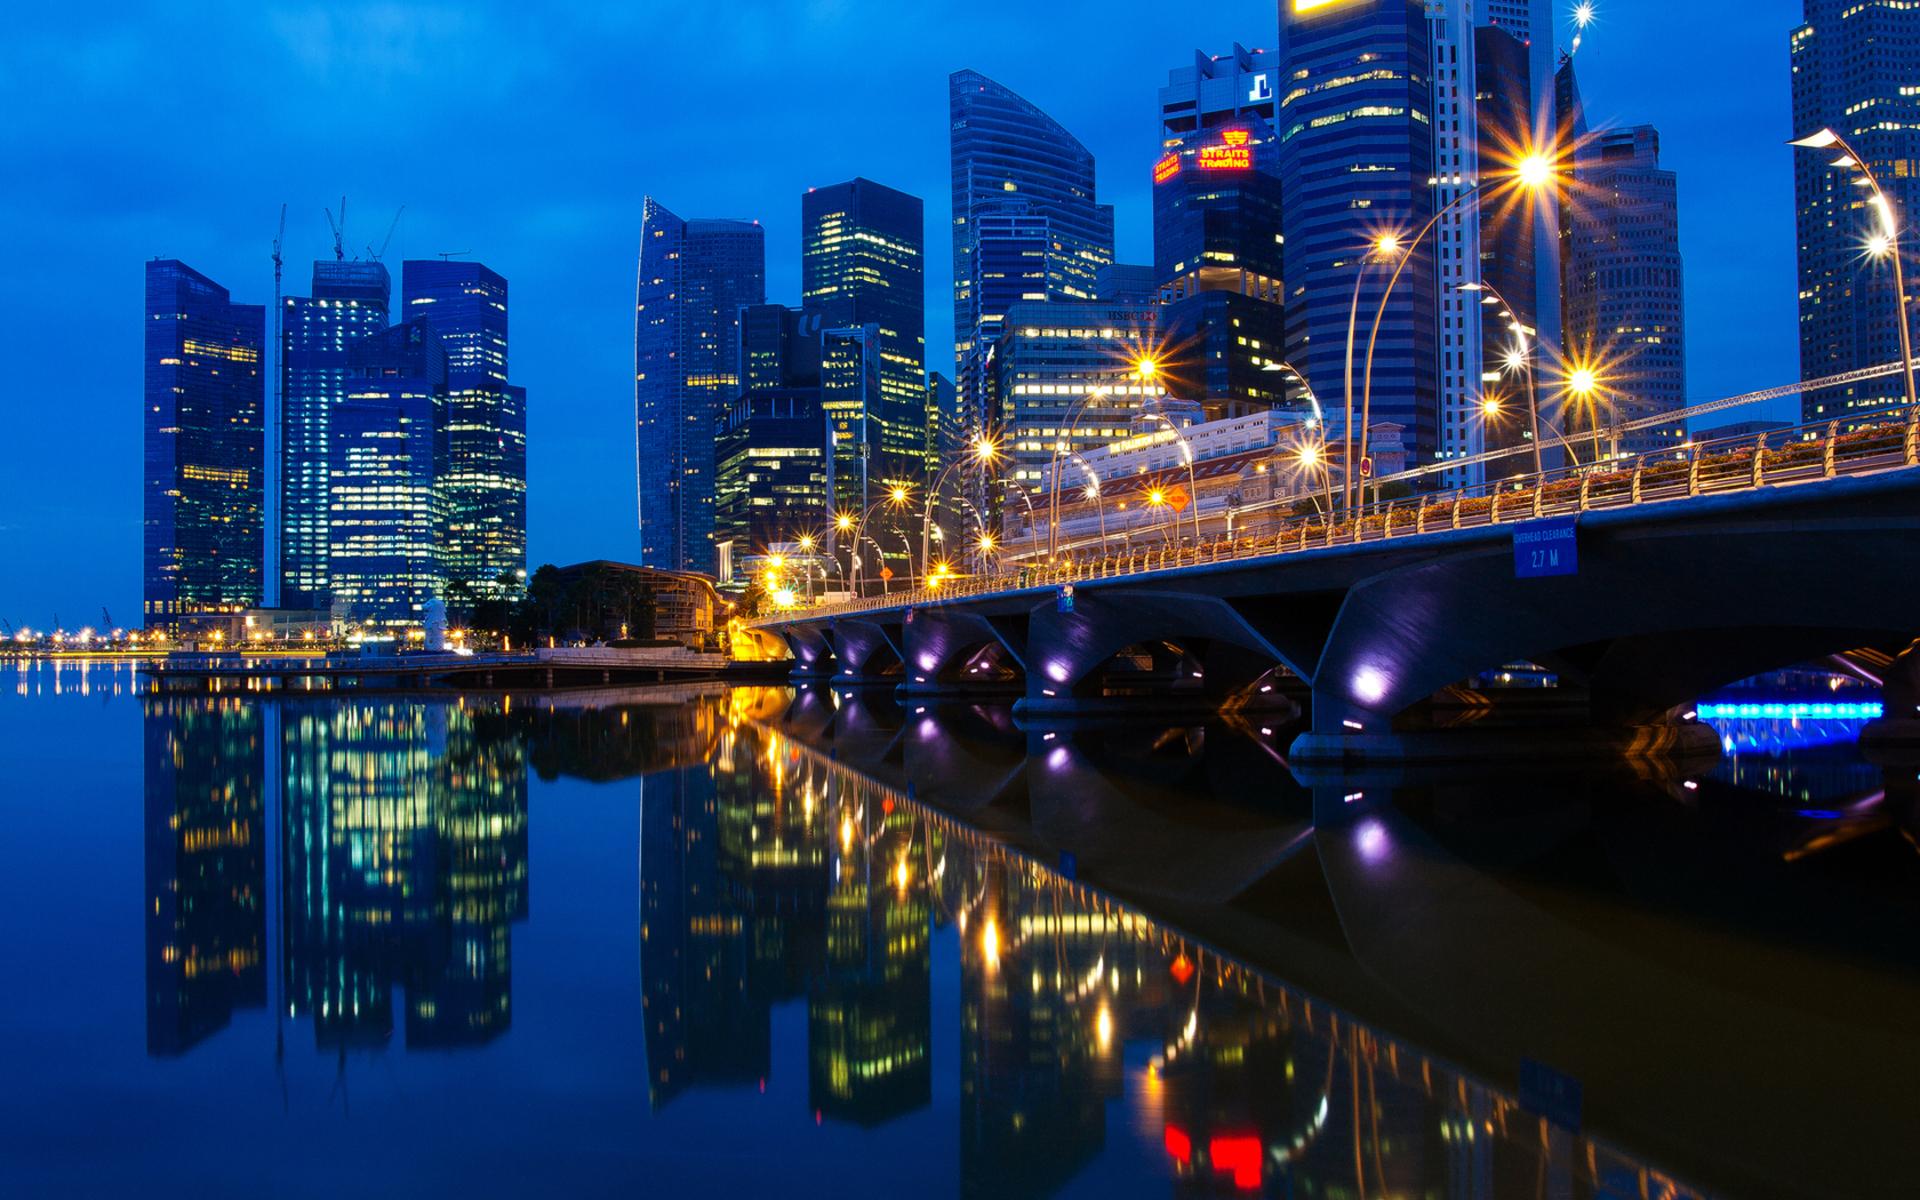 город ночь отражение скачать